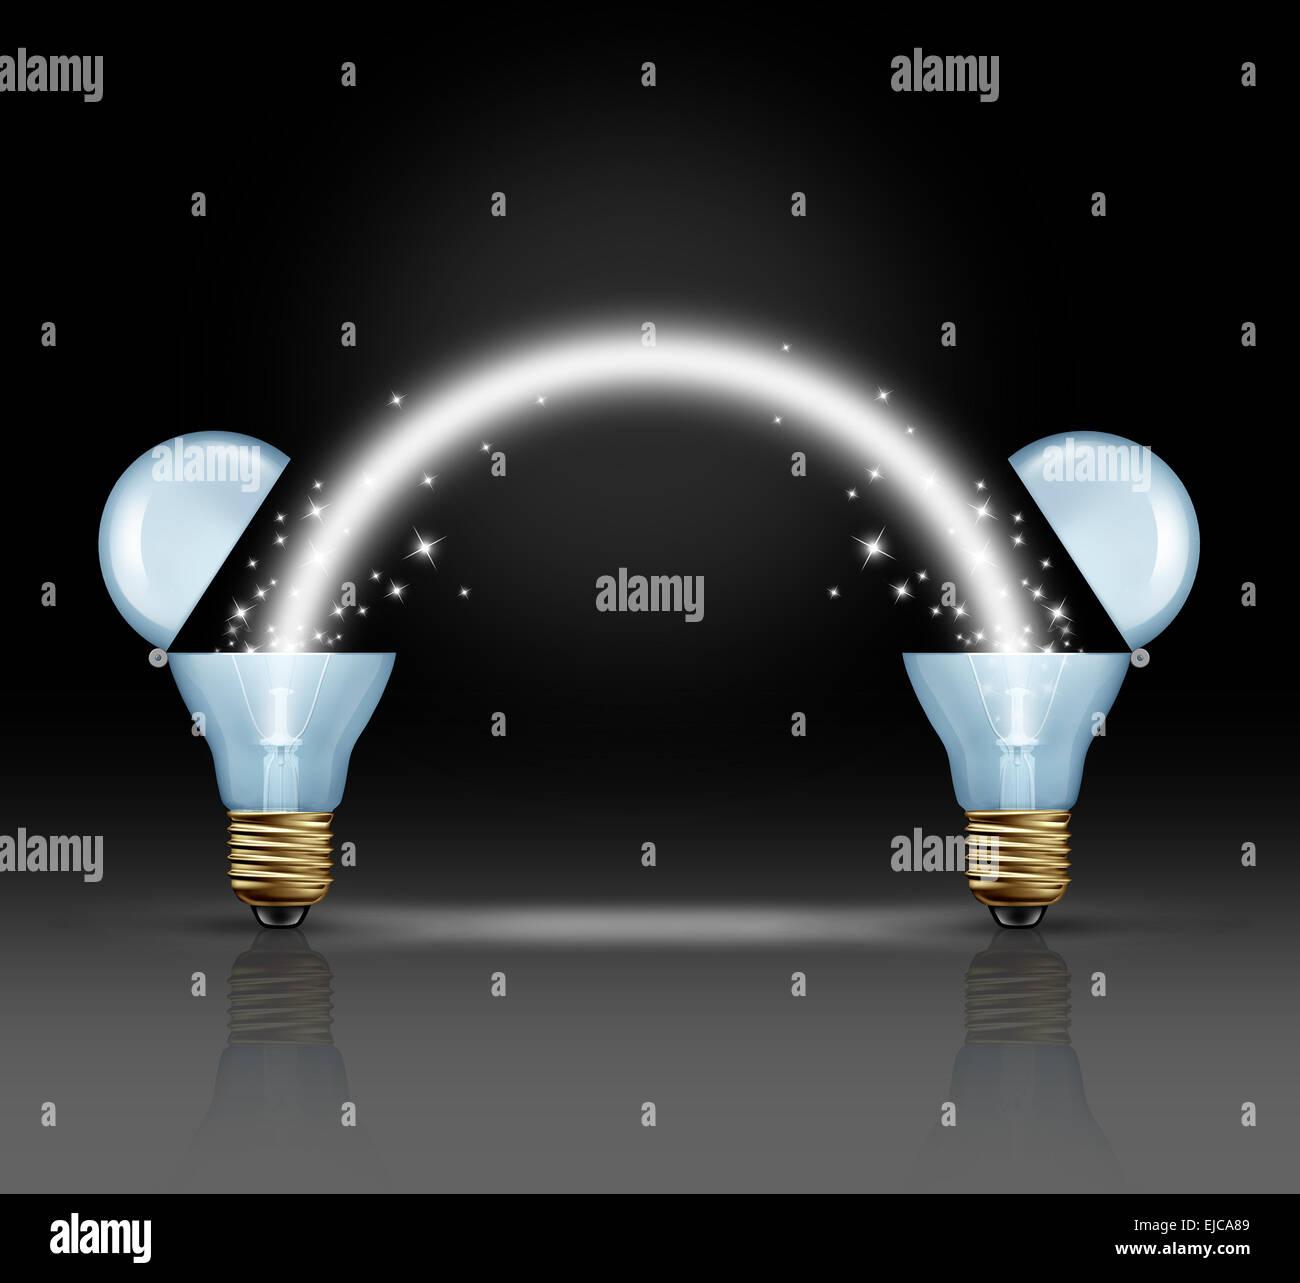 Nett Licht Miteinander Verbinden Fotos - Elektrische Schaltplan ...